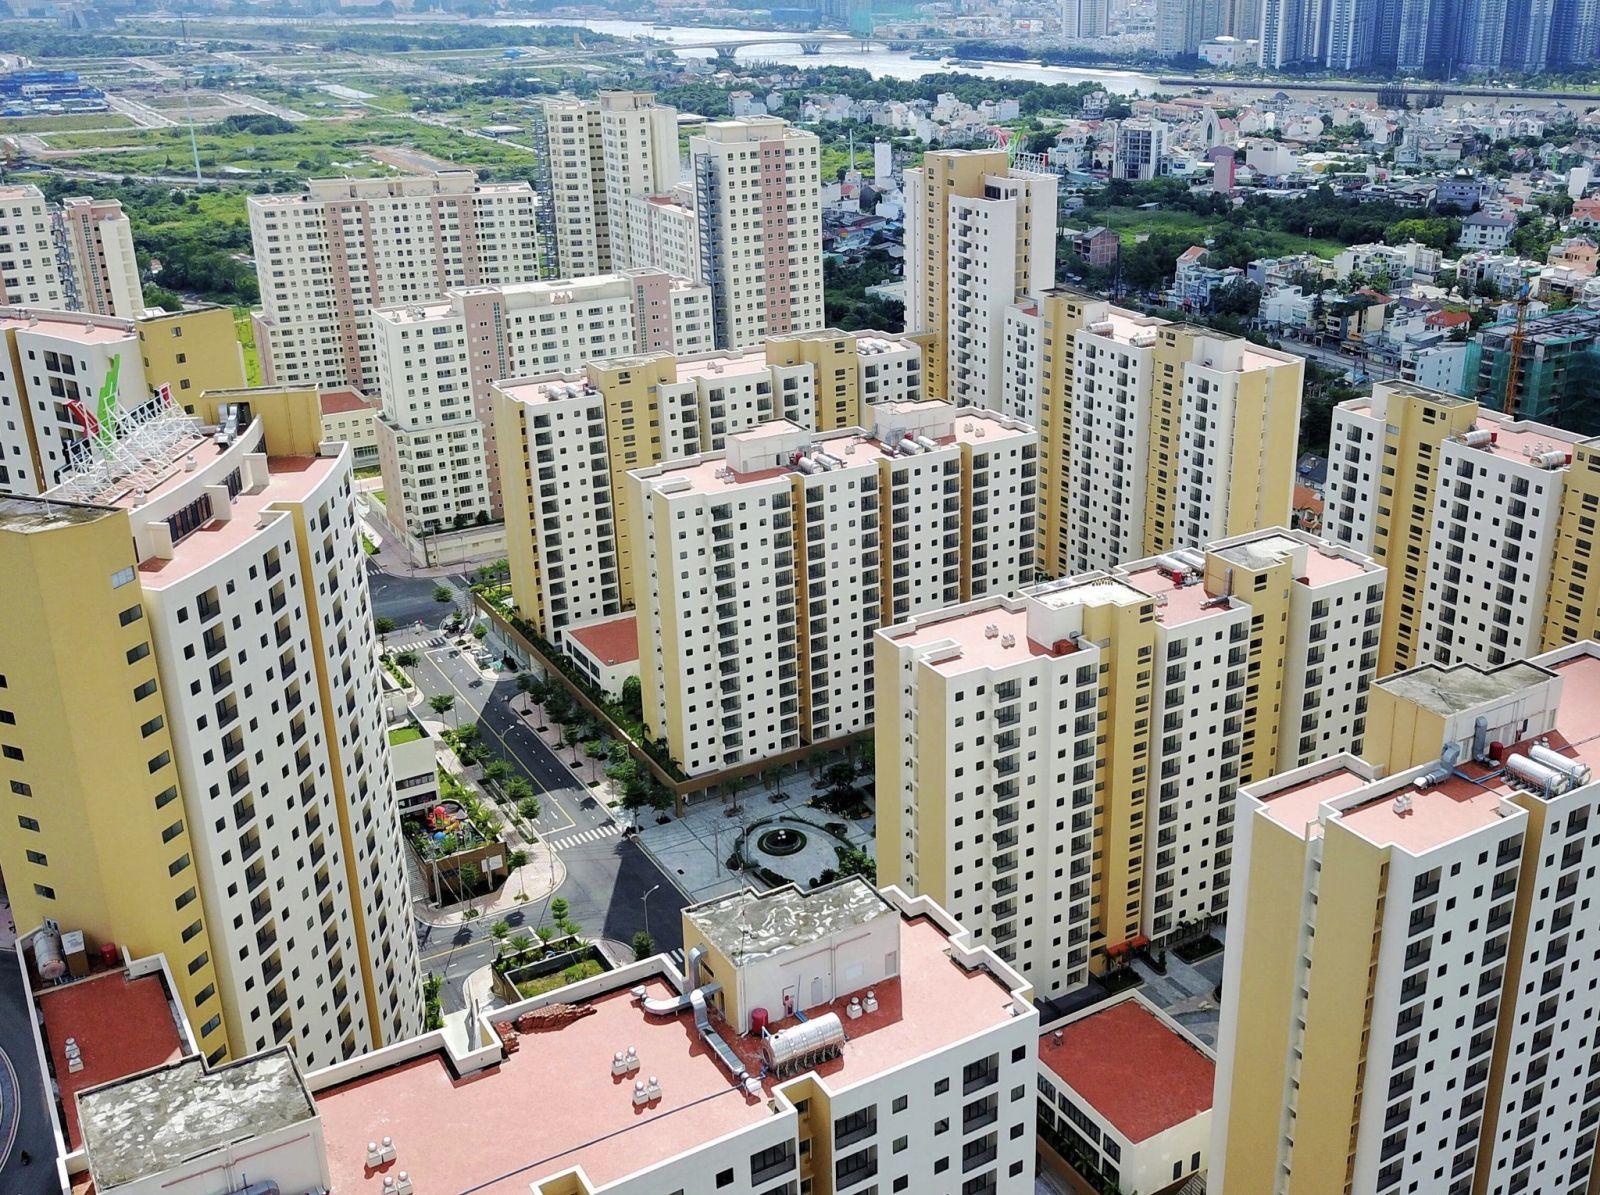 Hàng ngàn căn hộ xây xong